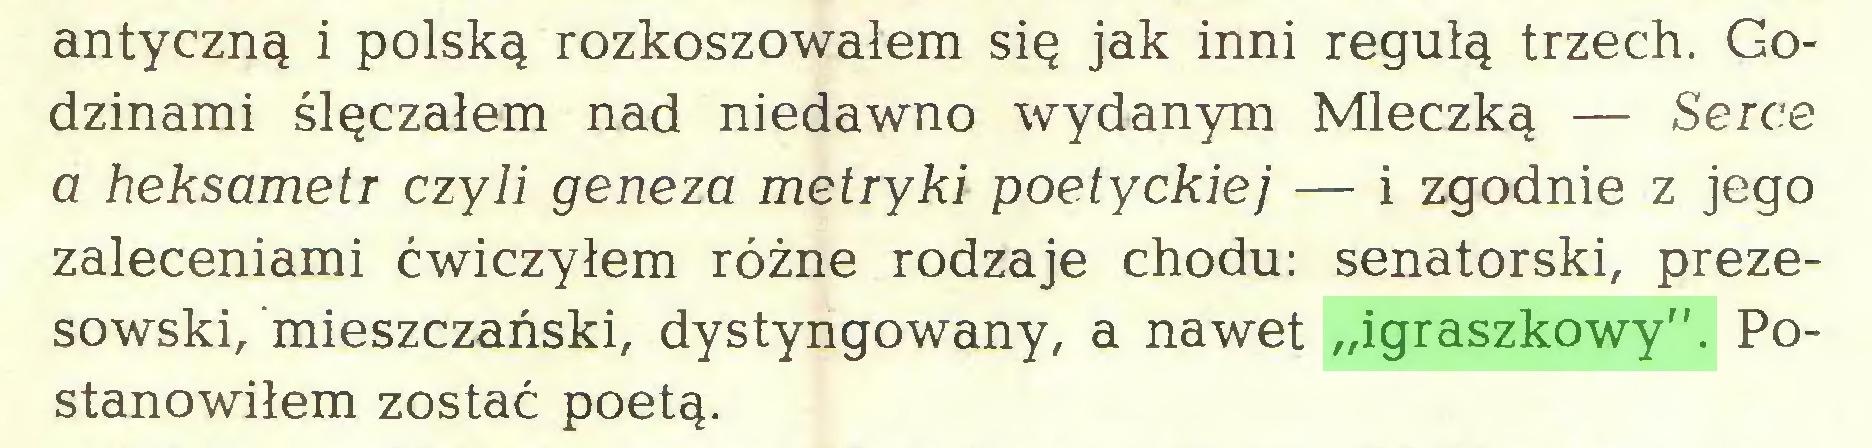 """(...) antyczną i polską rozkoszowałem się jak inni regułą trzech. Godzinami ślęczałem nad niedawno wydanym Mleczką — Serce a heksametr czyli geneza metryki poetyckiej — i zgodnie z jego zaleceniami ćwiczyłem różne rodzaje chodu: senatorski, prezesowski, mieszczański, dystyngowany, a nawet """"igraszkowy"""". Postanowiłem zostać poetą..."""